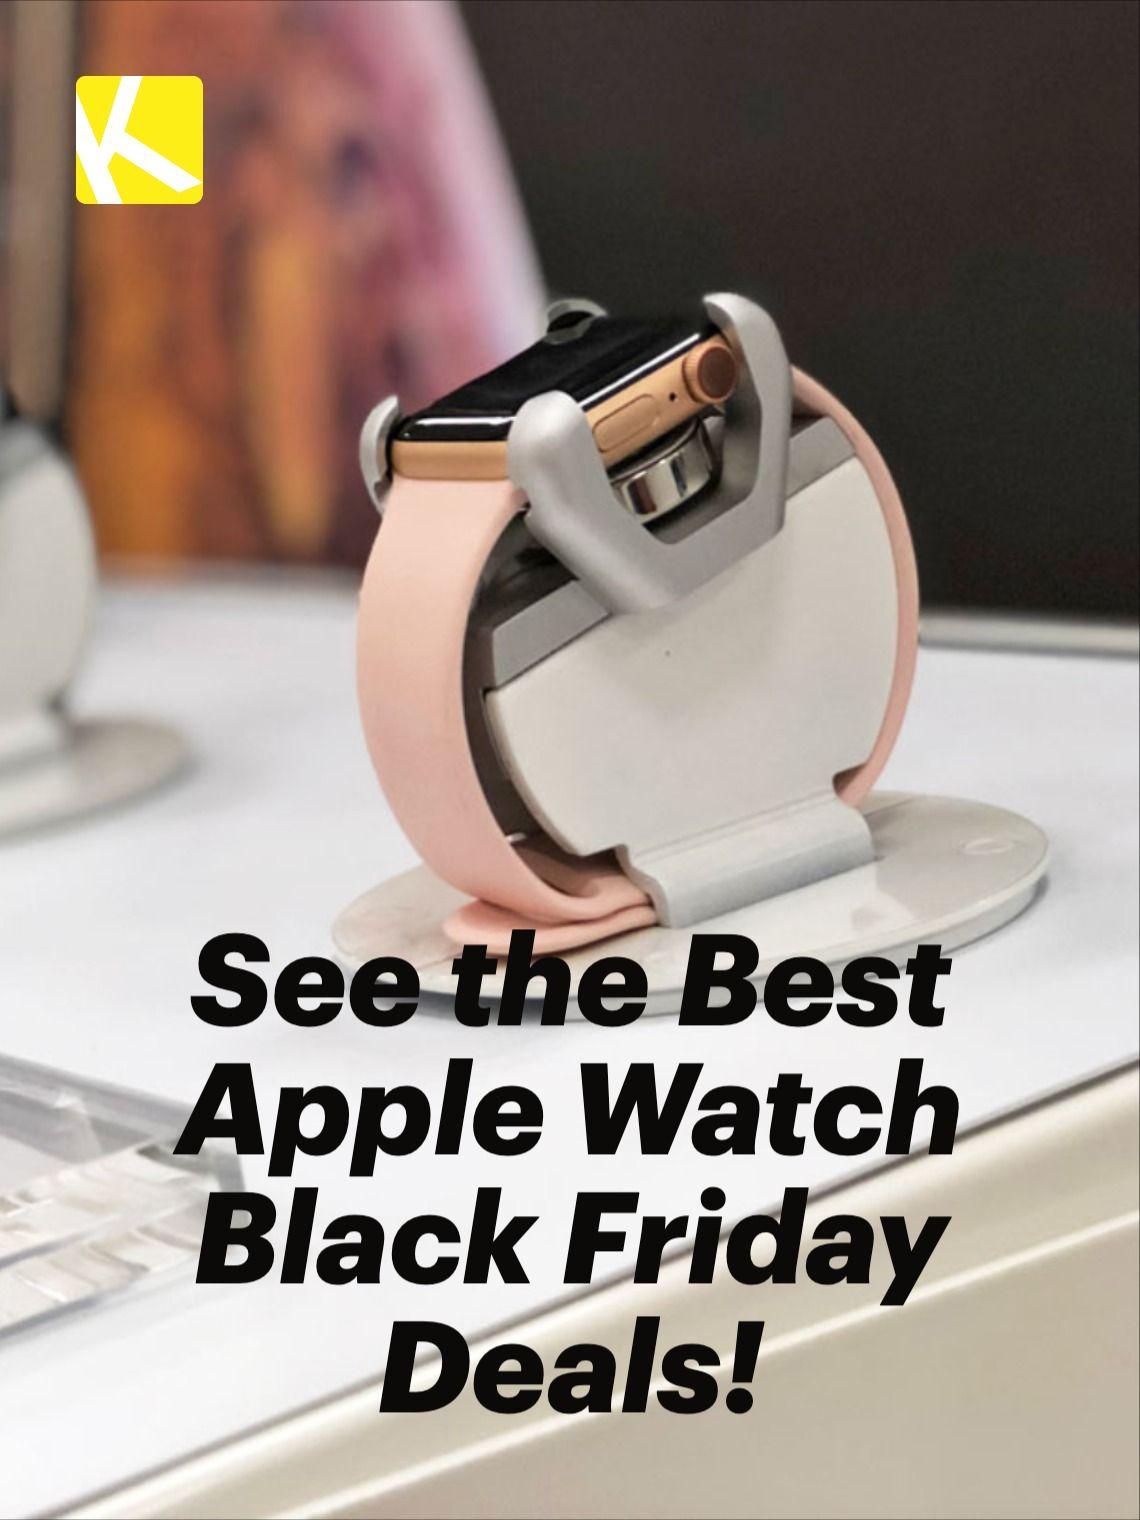 Best Apple Watch Black Friday Cyber Week Deals For 2019 In 2020 Apple Watch Black Friday Best Apple Watch Buy Apple Watch